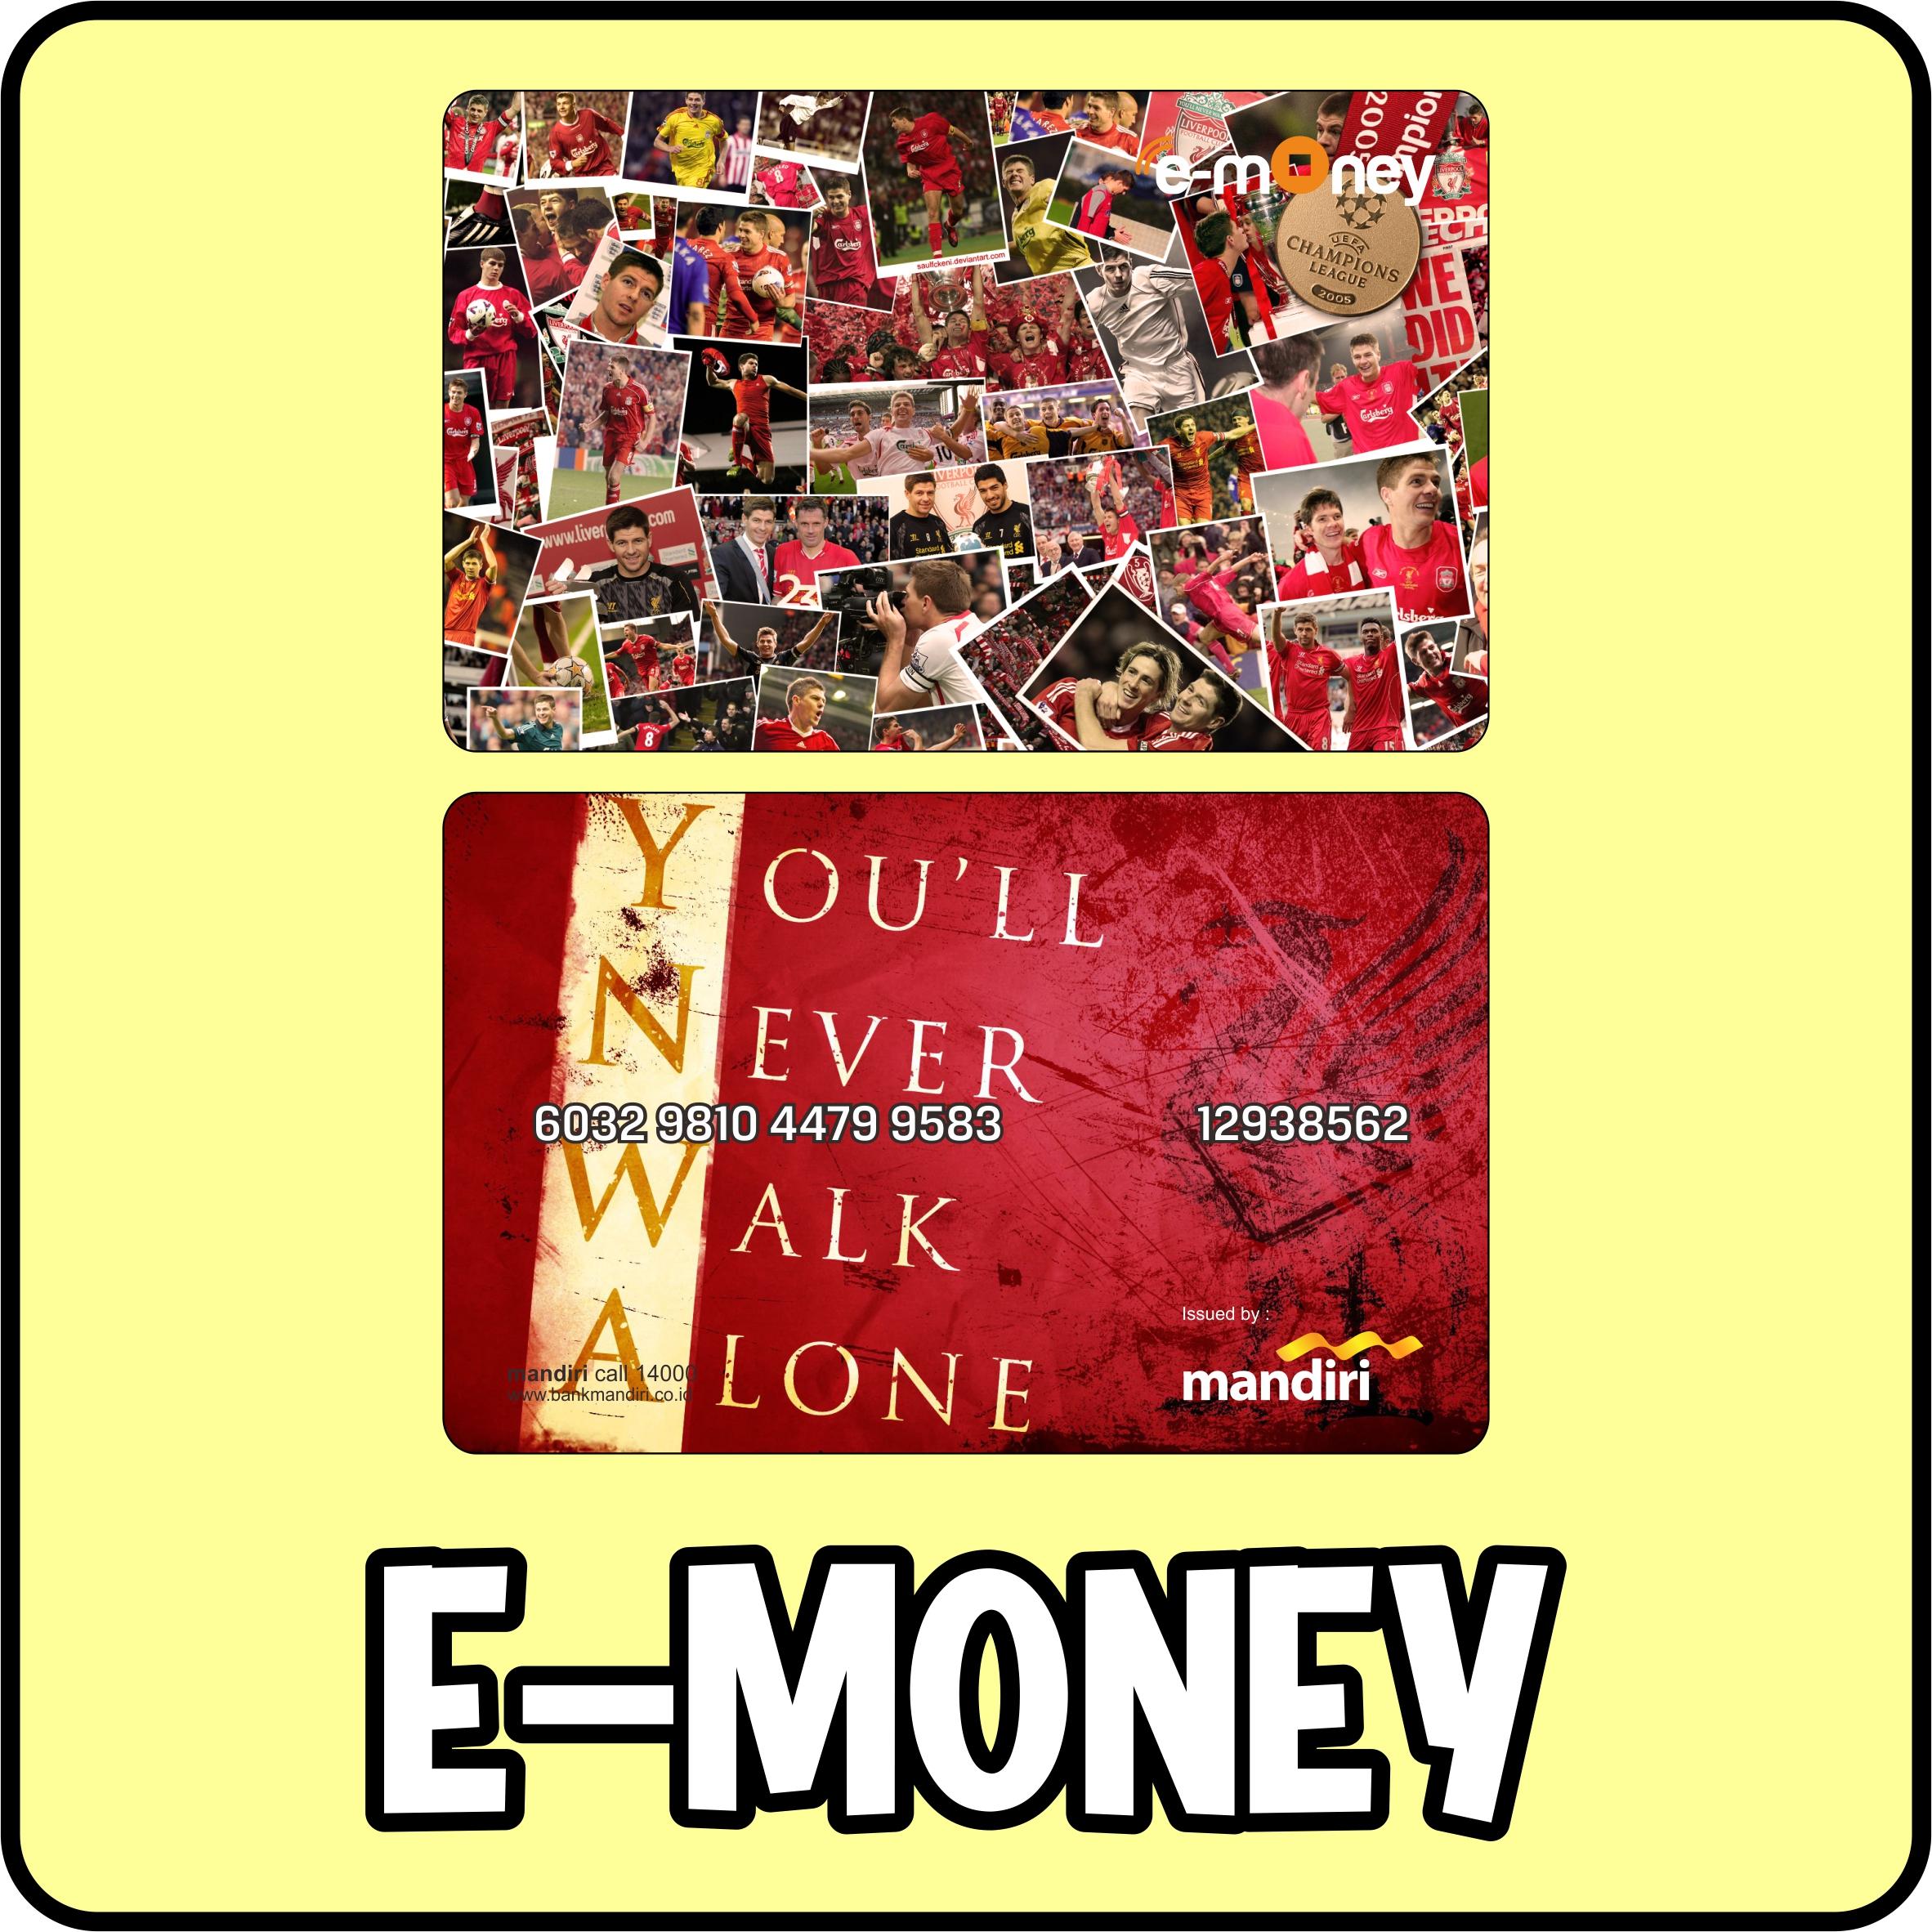 E-money Card Custom Order